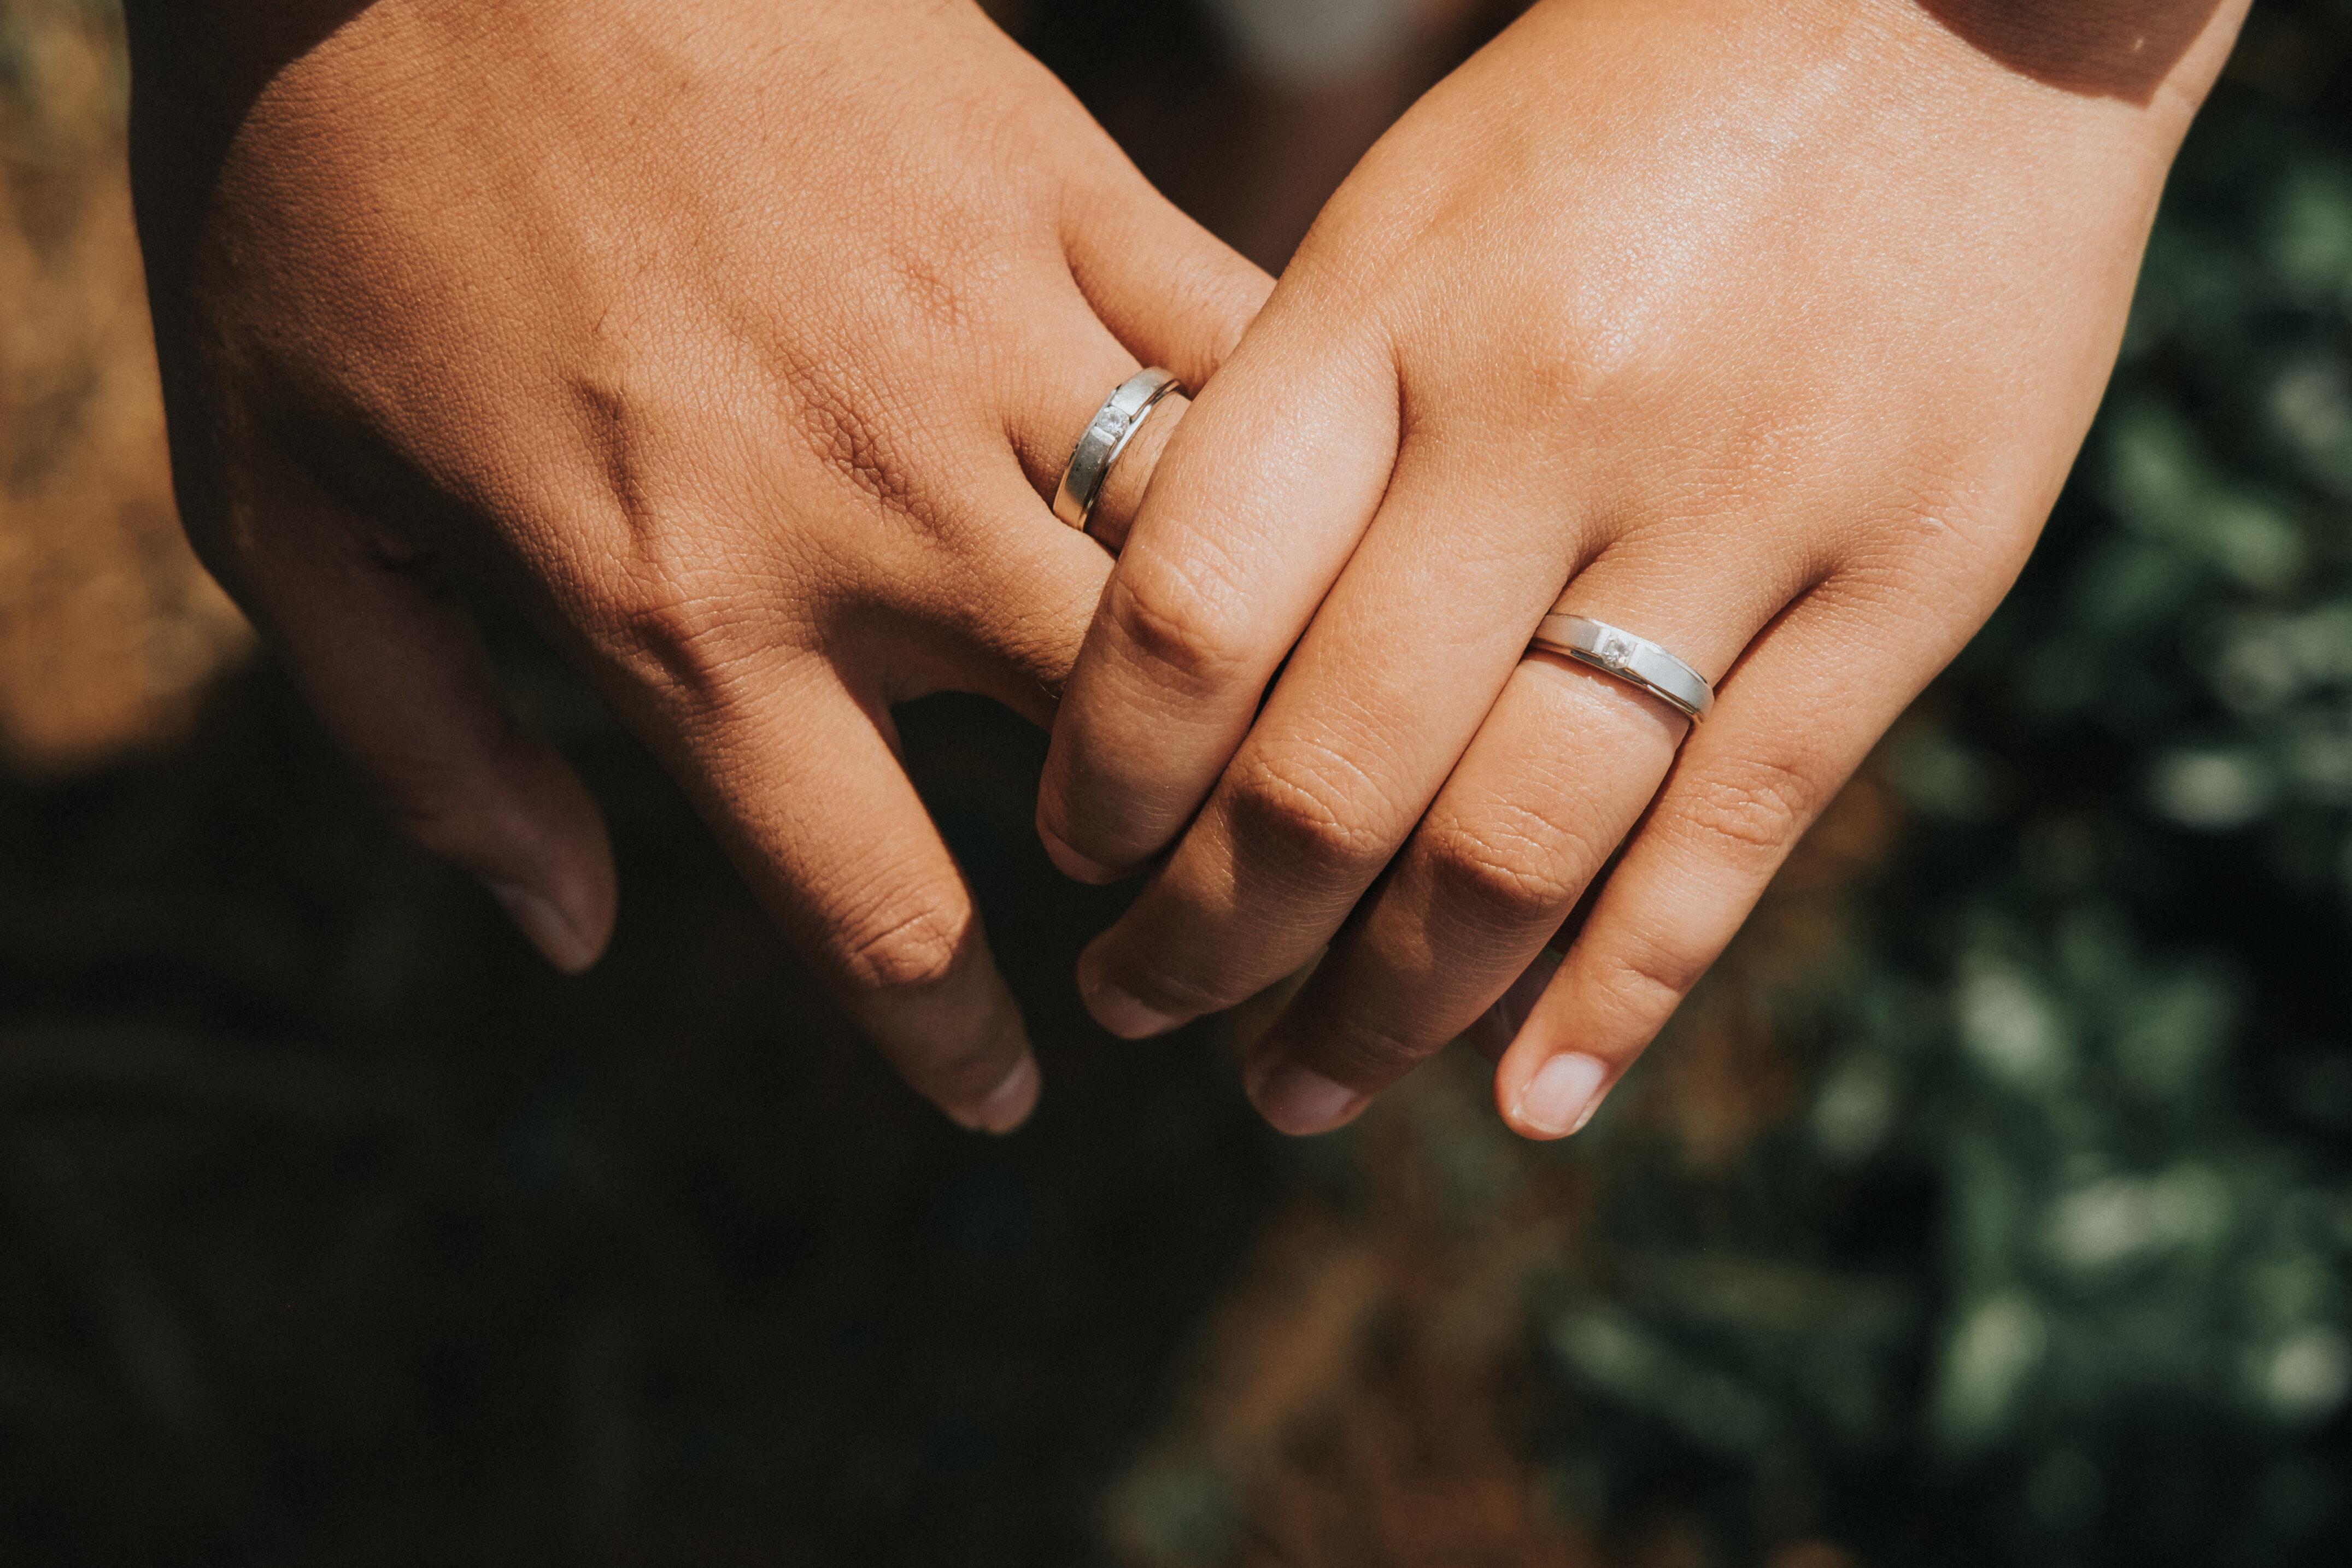 Taiwan approva le nozze gay, è il primo paese in